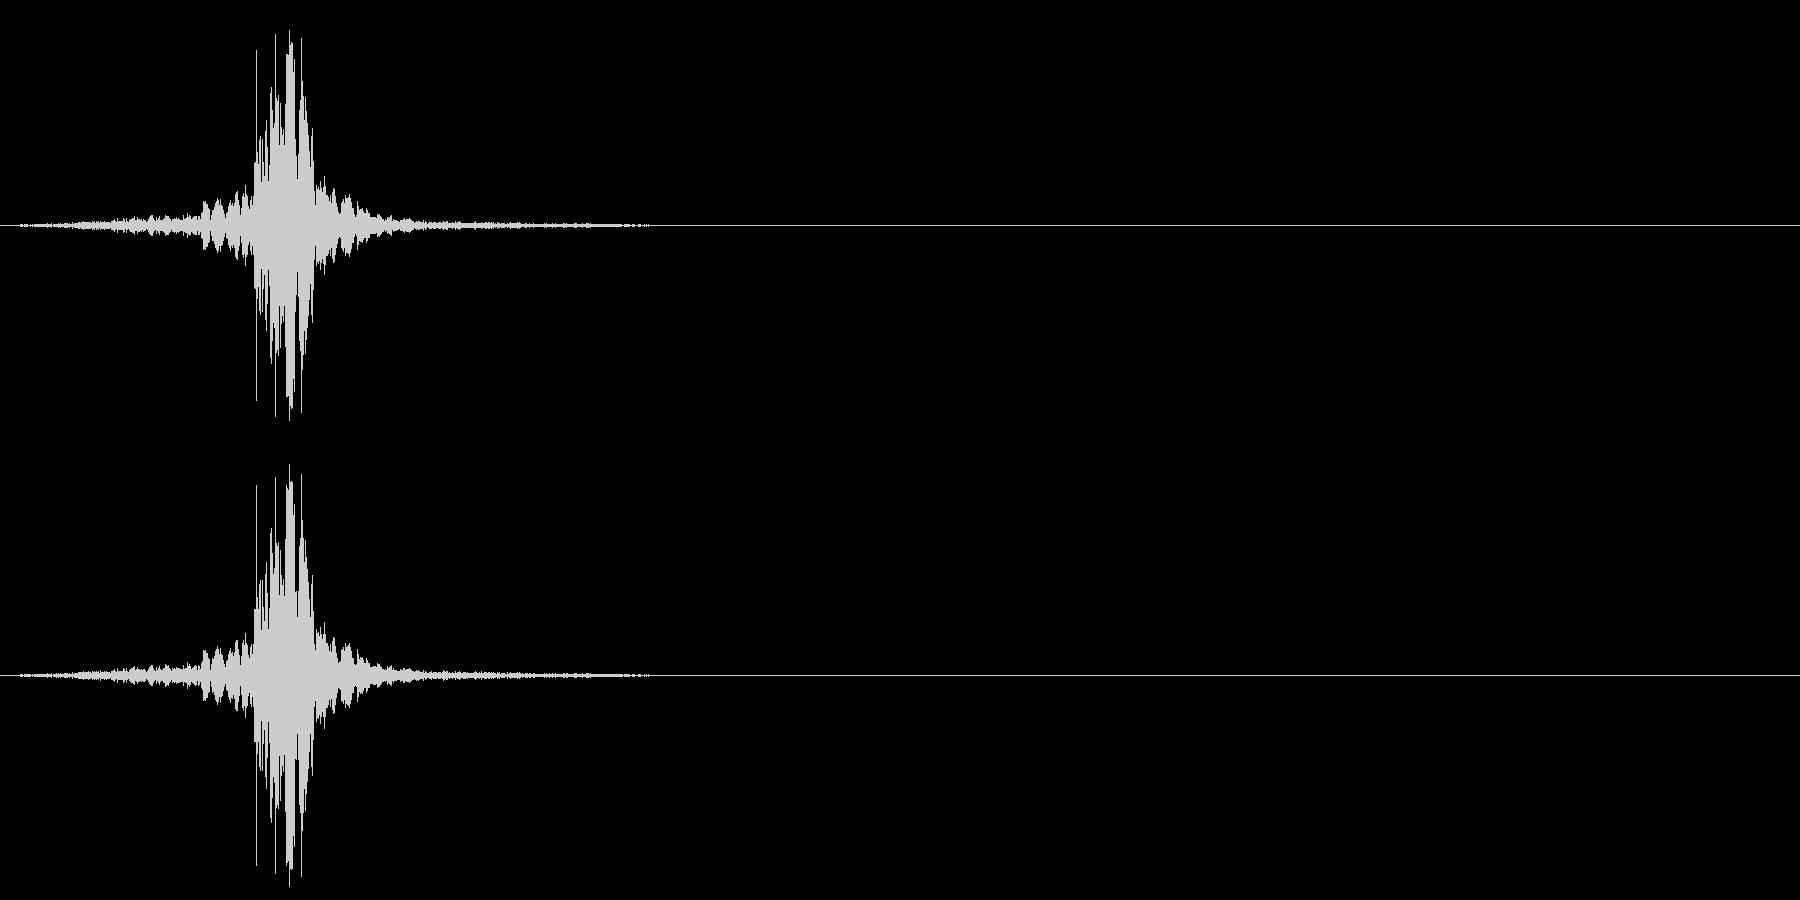 シルク・ナイロン・広げる4の未再生の波形